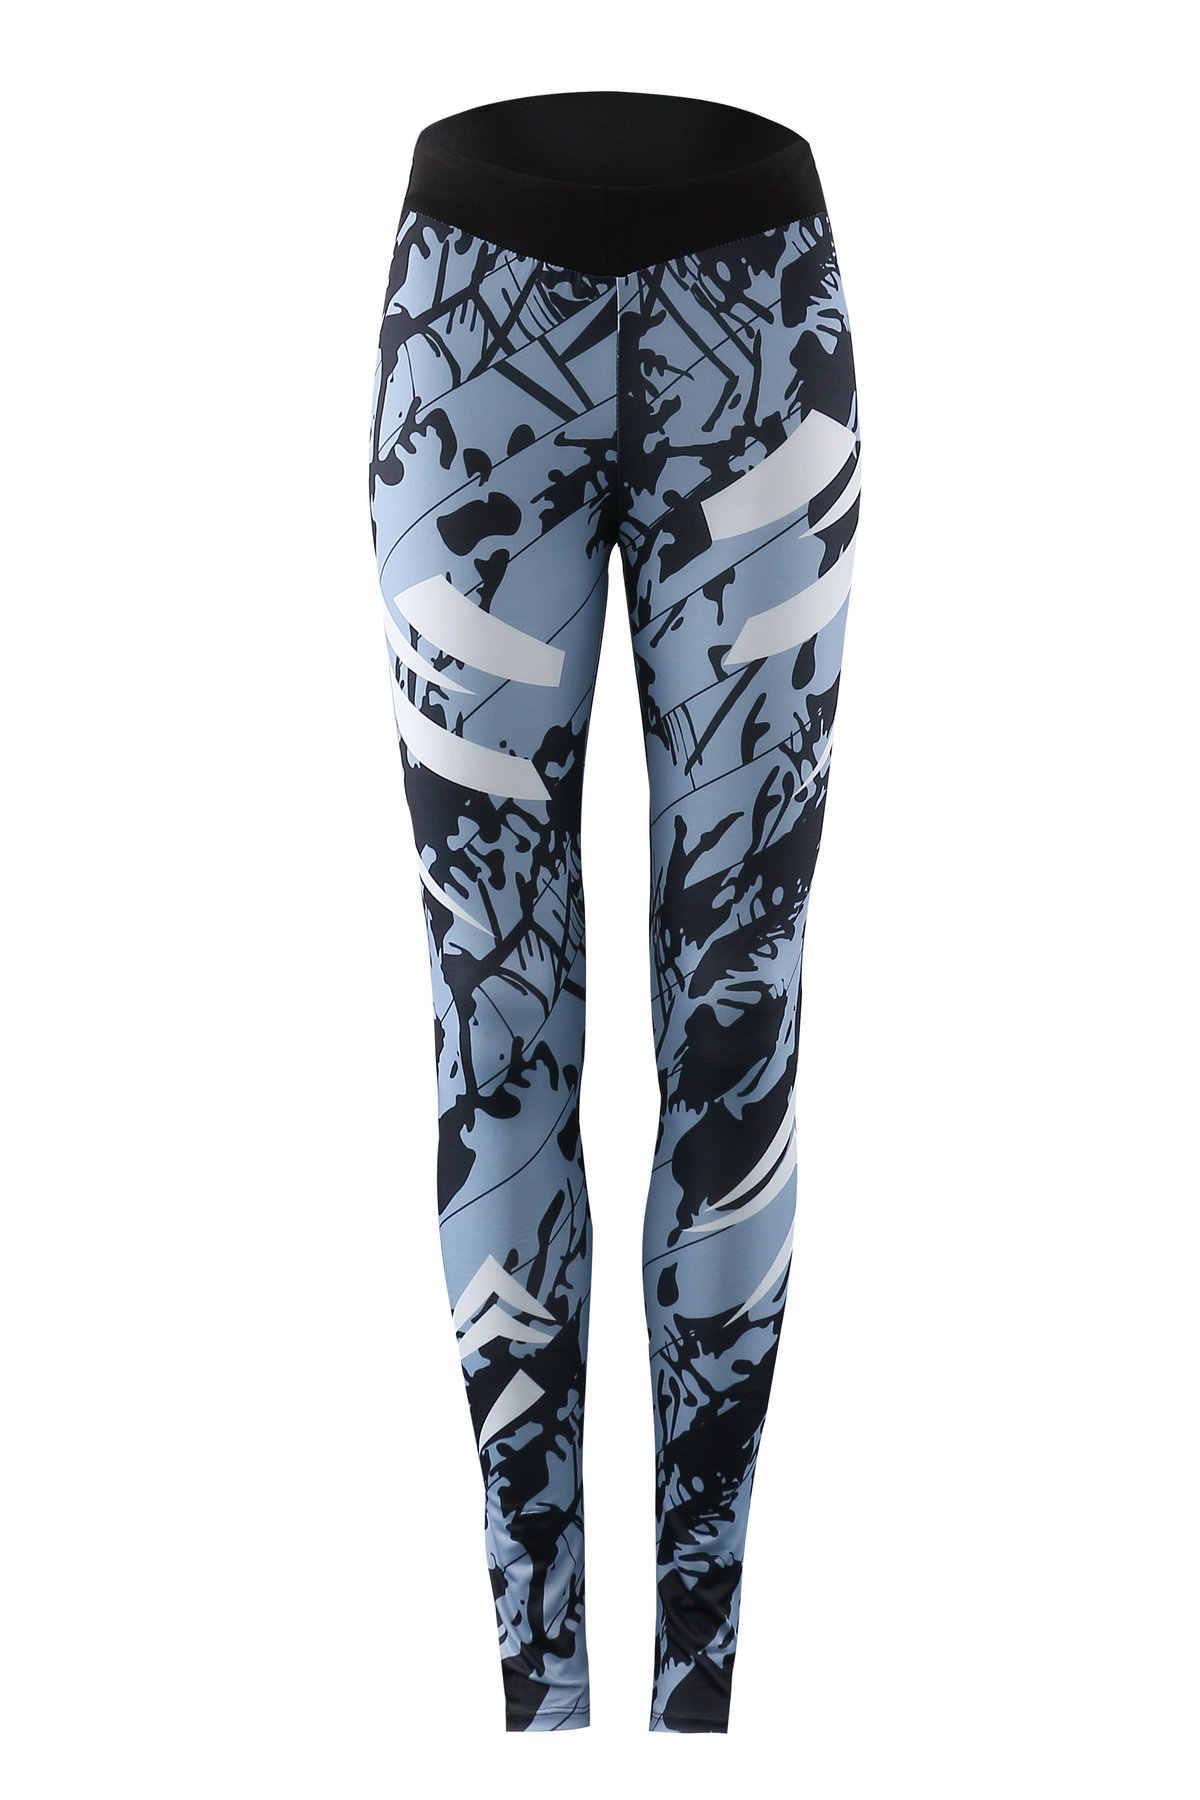 e3161834456c ... GXQIL 2018 спортивная женская спортивная одежда спортивный костюм для  бега фитнес спортивный костюм женский тренажерный зал ...